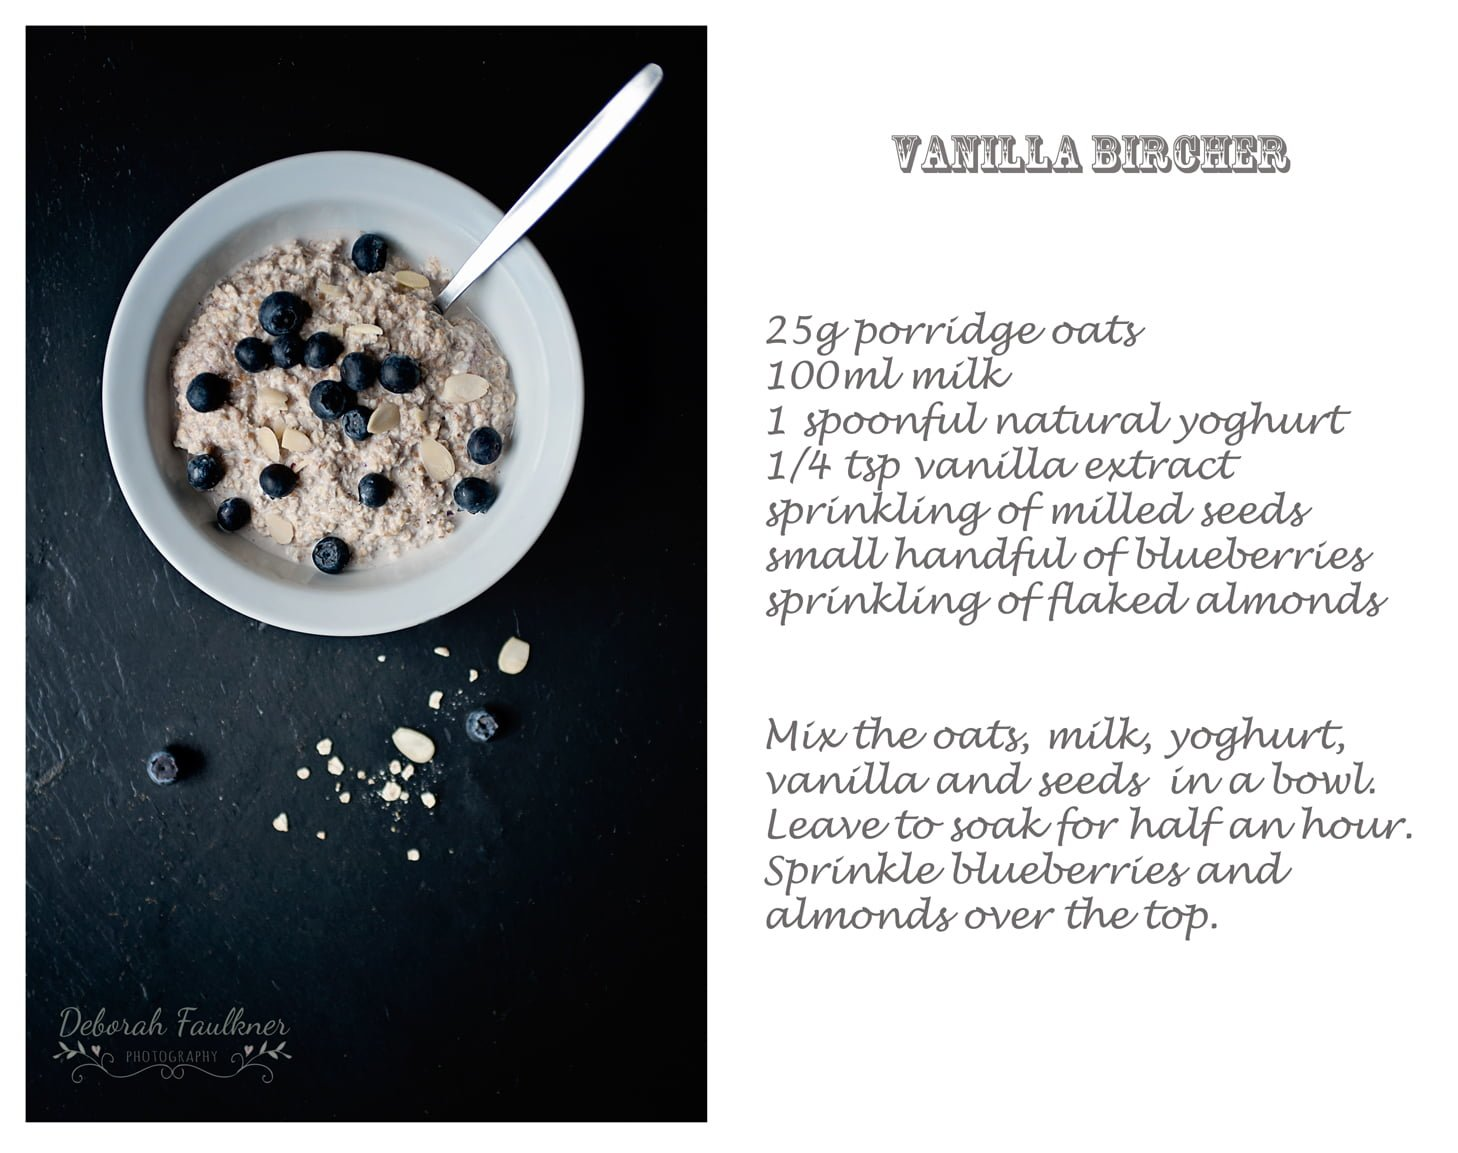 Vanilla Bircher